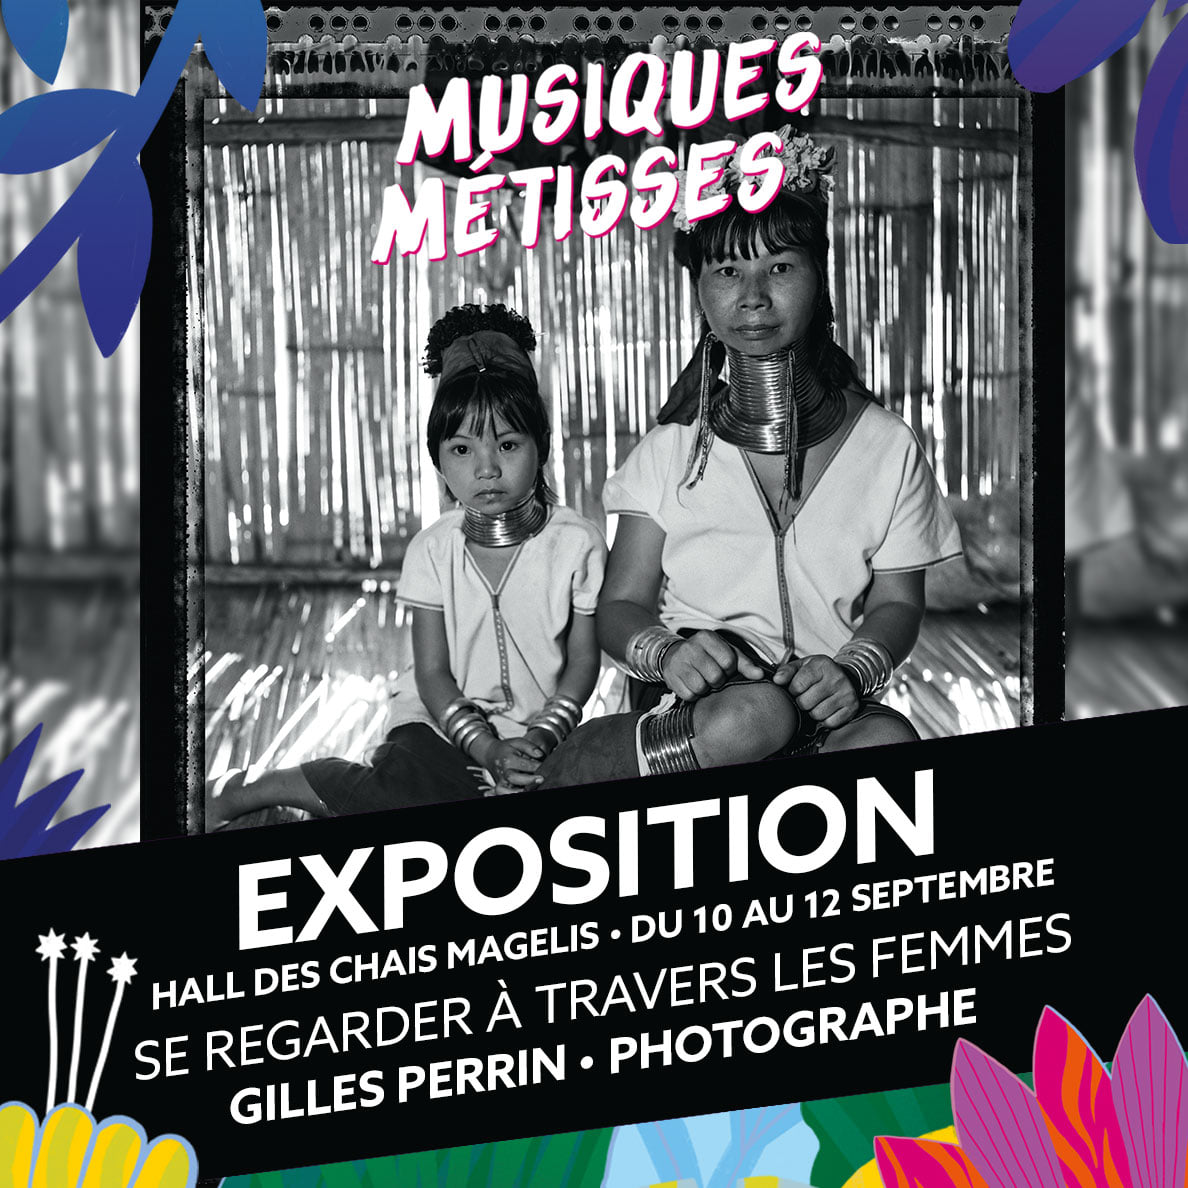 Exposition Gilles Perrin, se regarder à travers les femmes, hall chai Magelis du 10 au 12 septembre 2021, Musiques Metisses